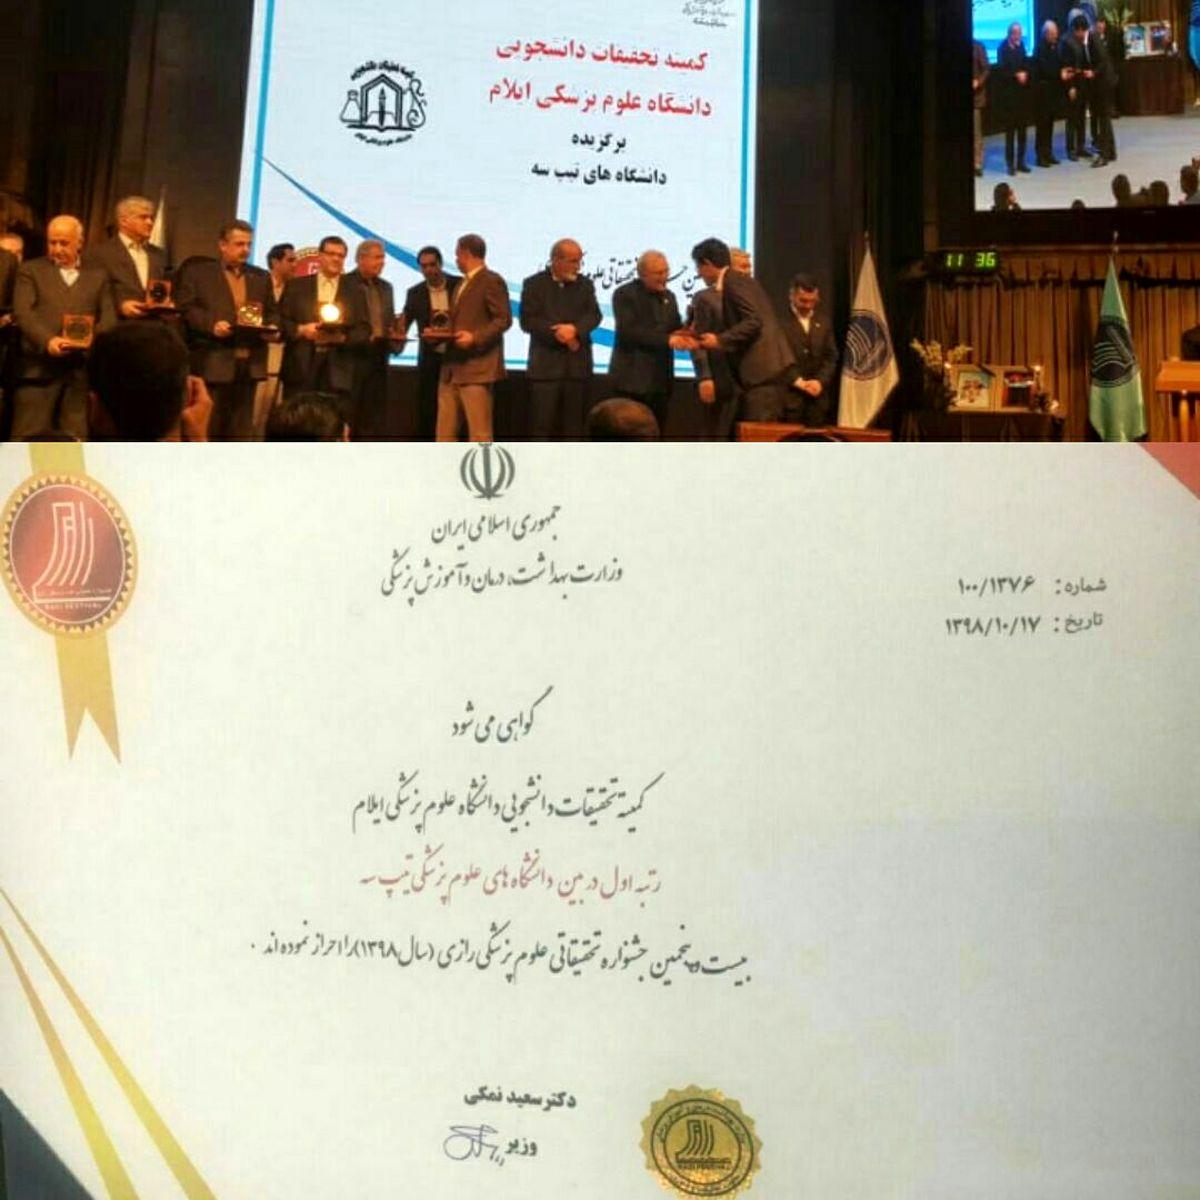 کسب رتبه نخست کمیته تحقیقات دانشجویی دانشگاه علوم پزشکی ایلام در کشور